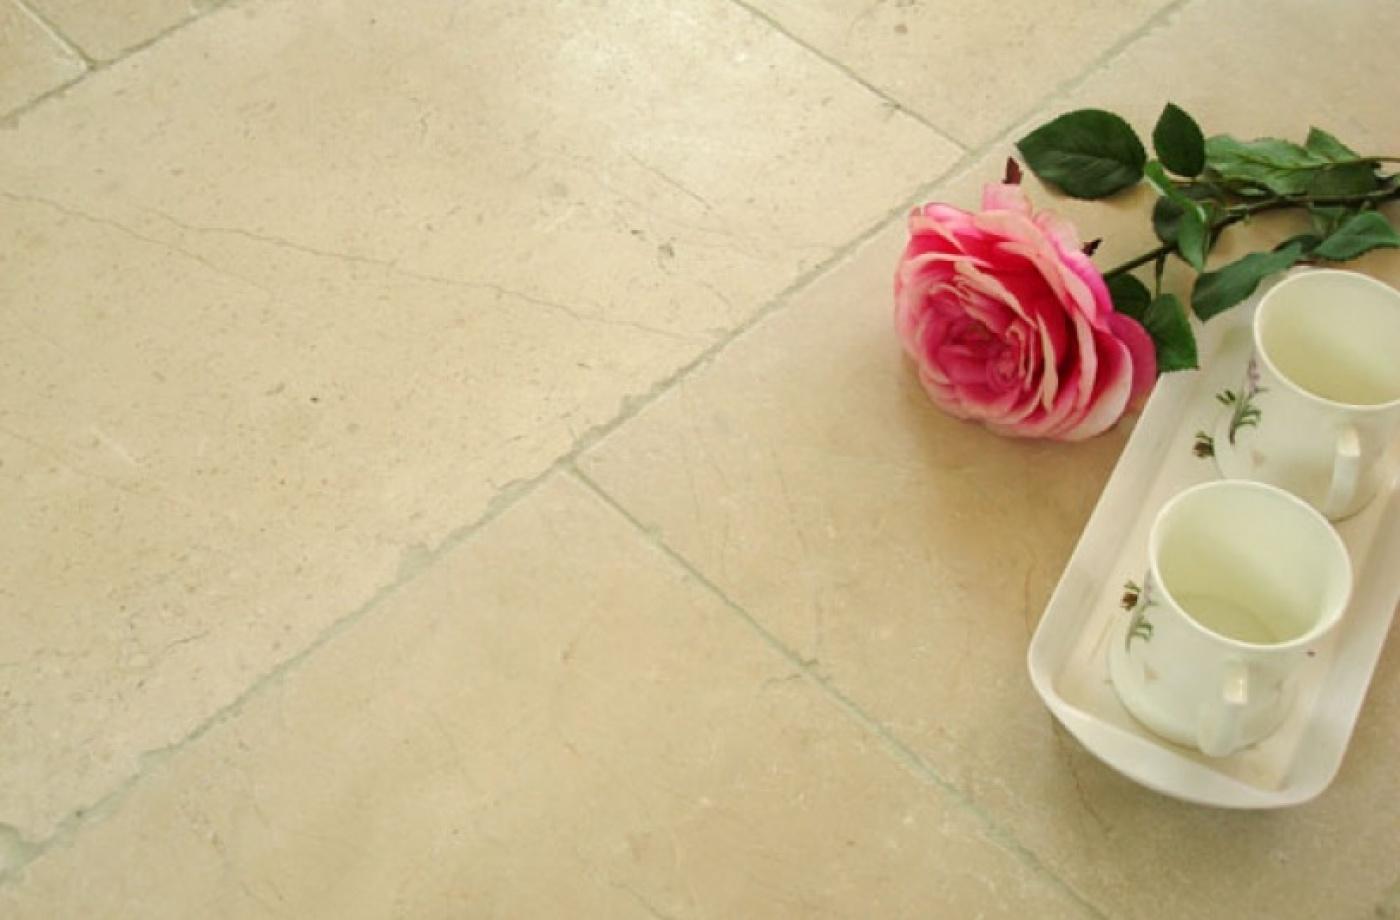 Marbre Vente de sol en marbre Crema Marfil Dalles de 60xx40 finition vieillie. Livraison à Paris 75